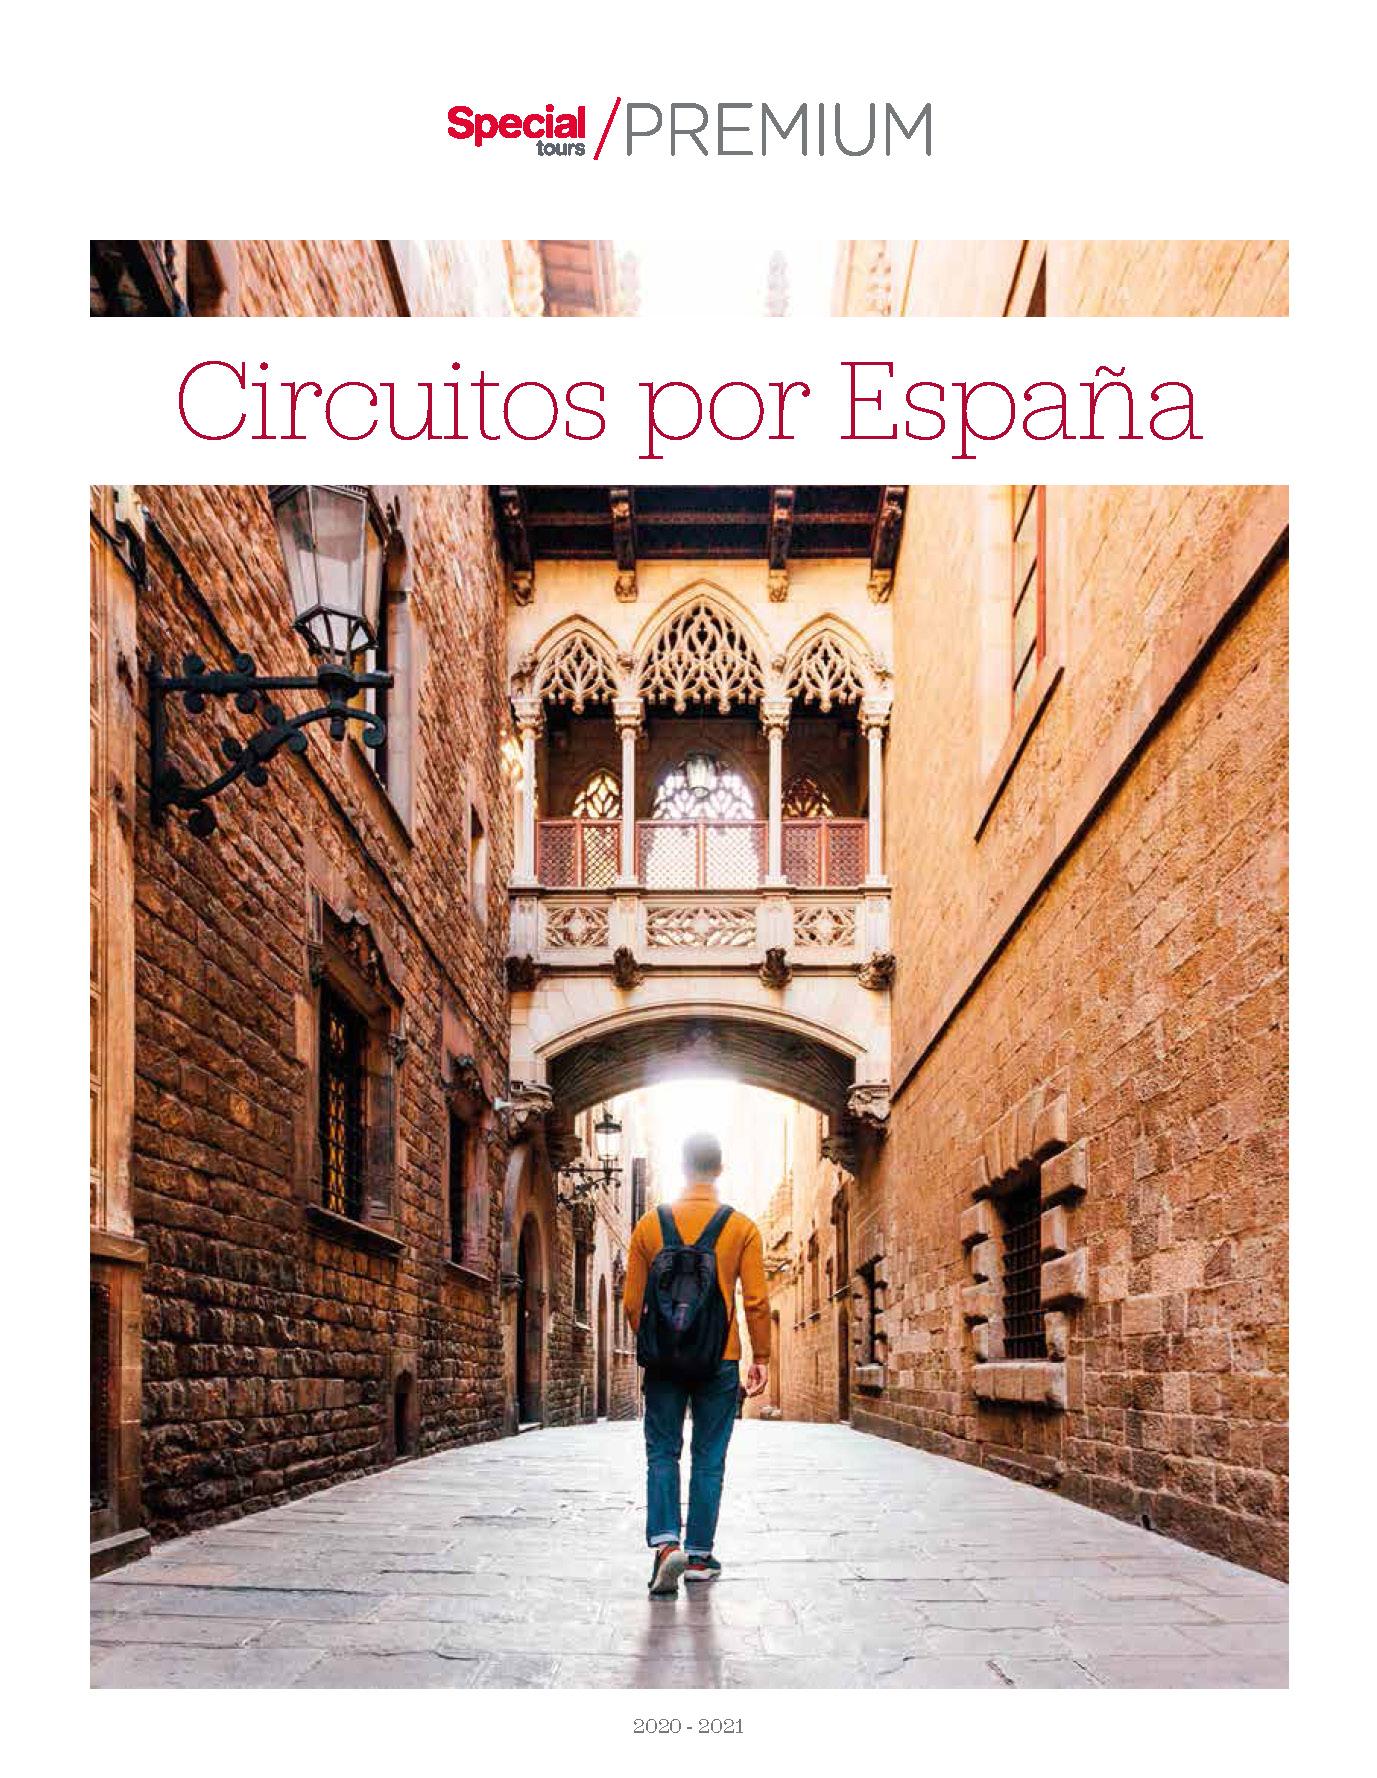 Catalogo Special Tours Circuitos por Espana Premium 2021